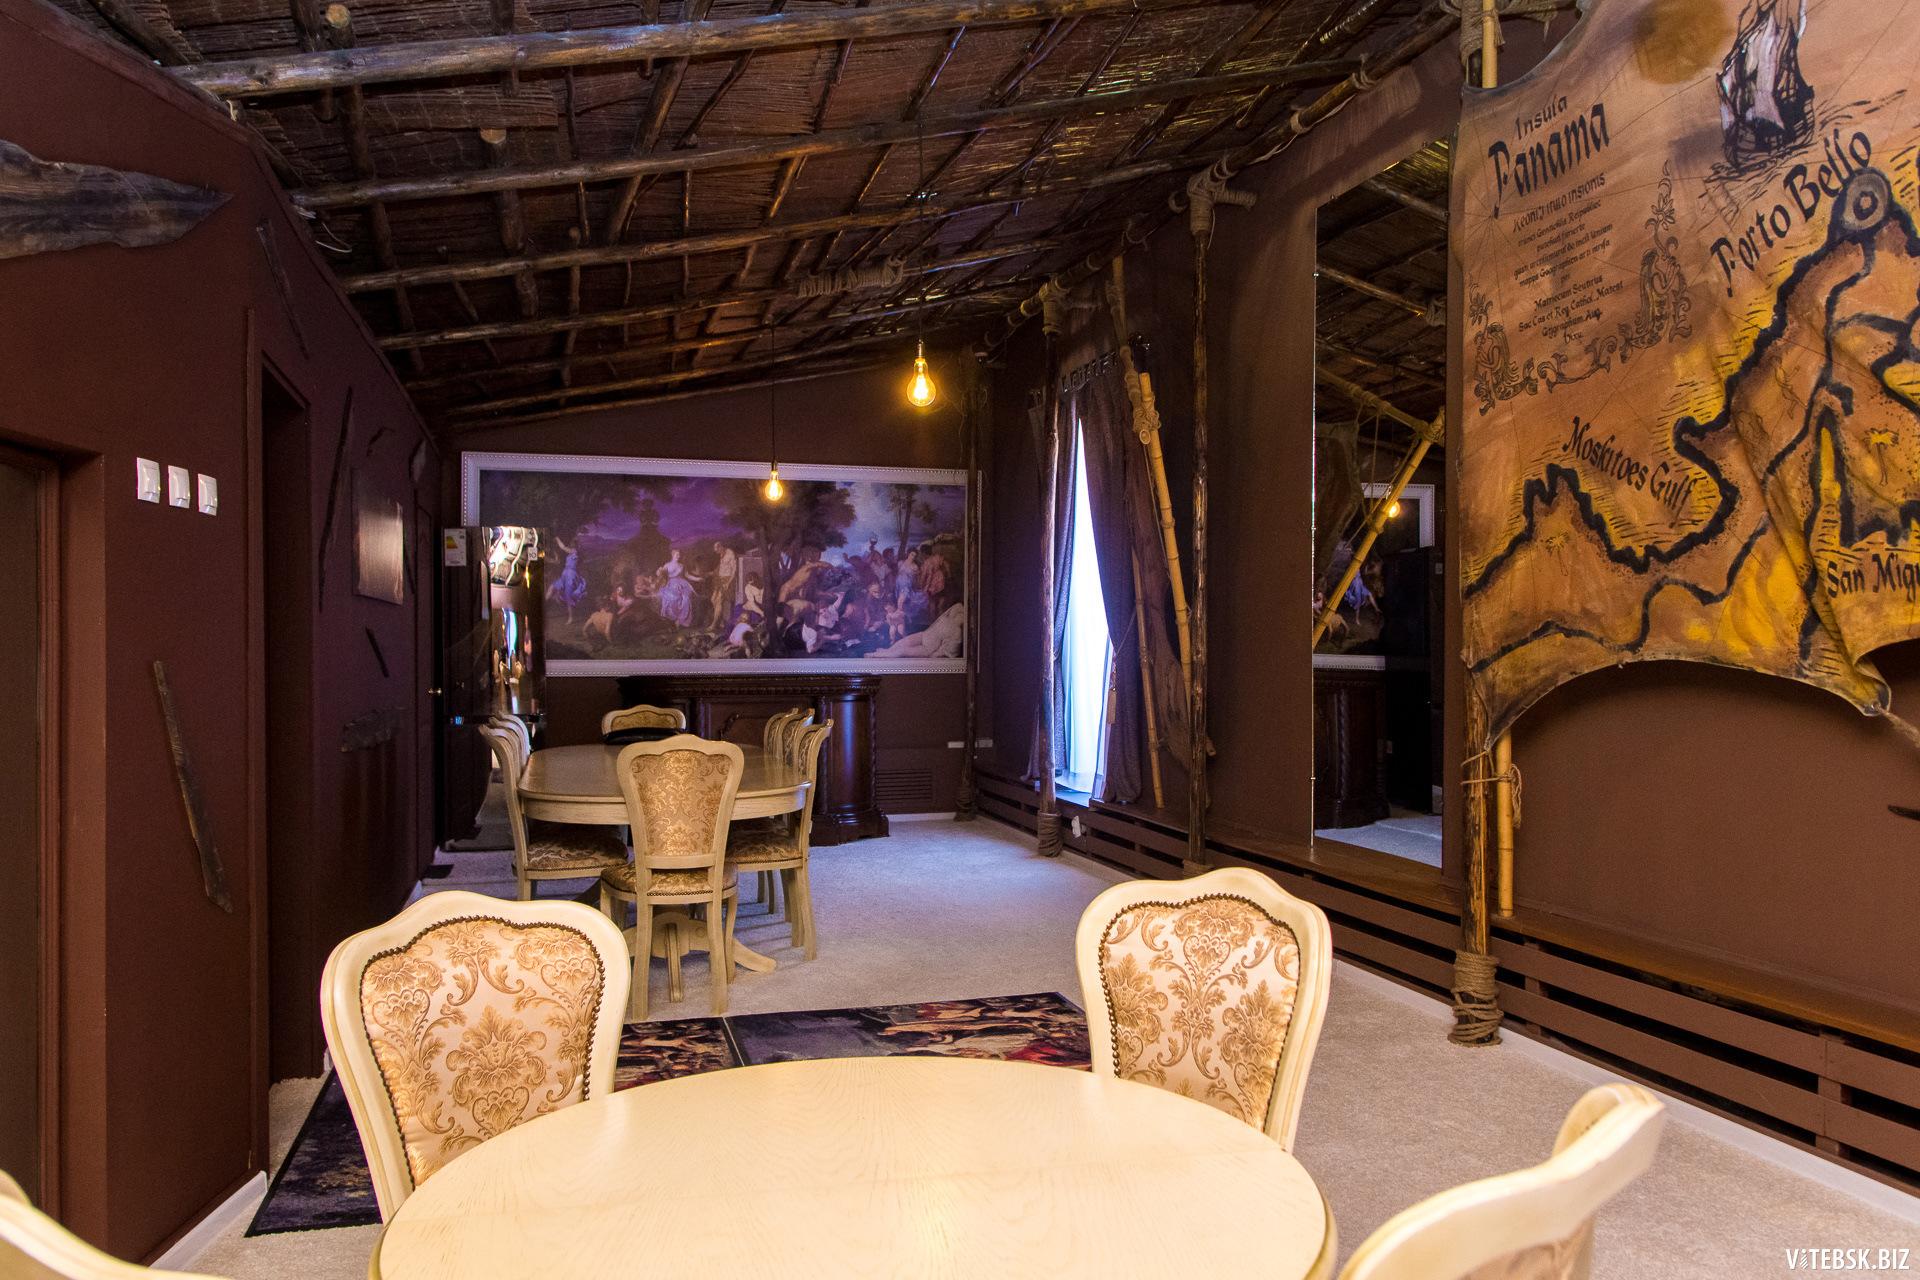 Витебск казино остров сокровищ римская рулетка чубаха